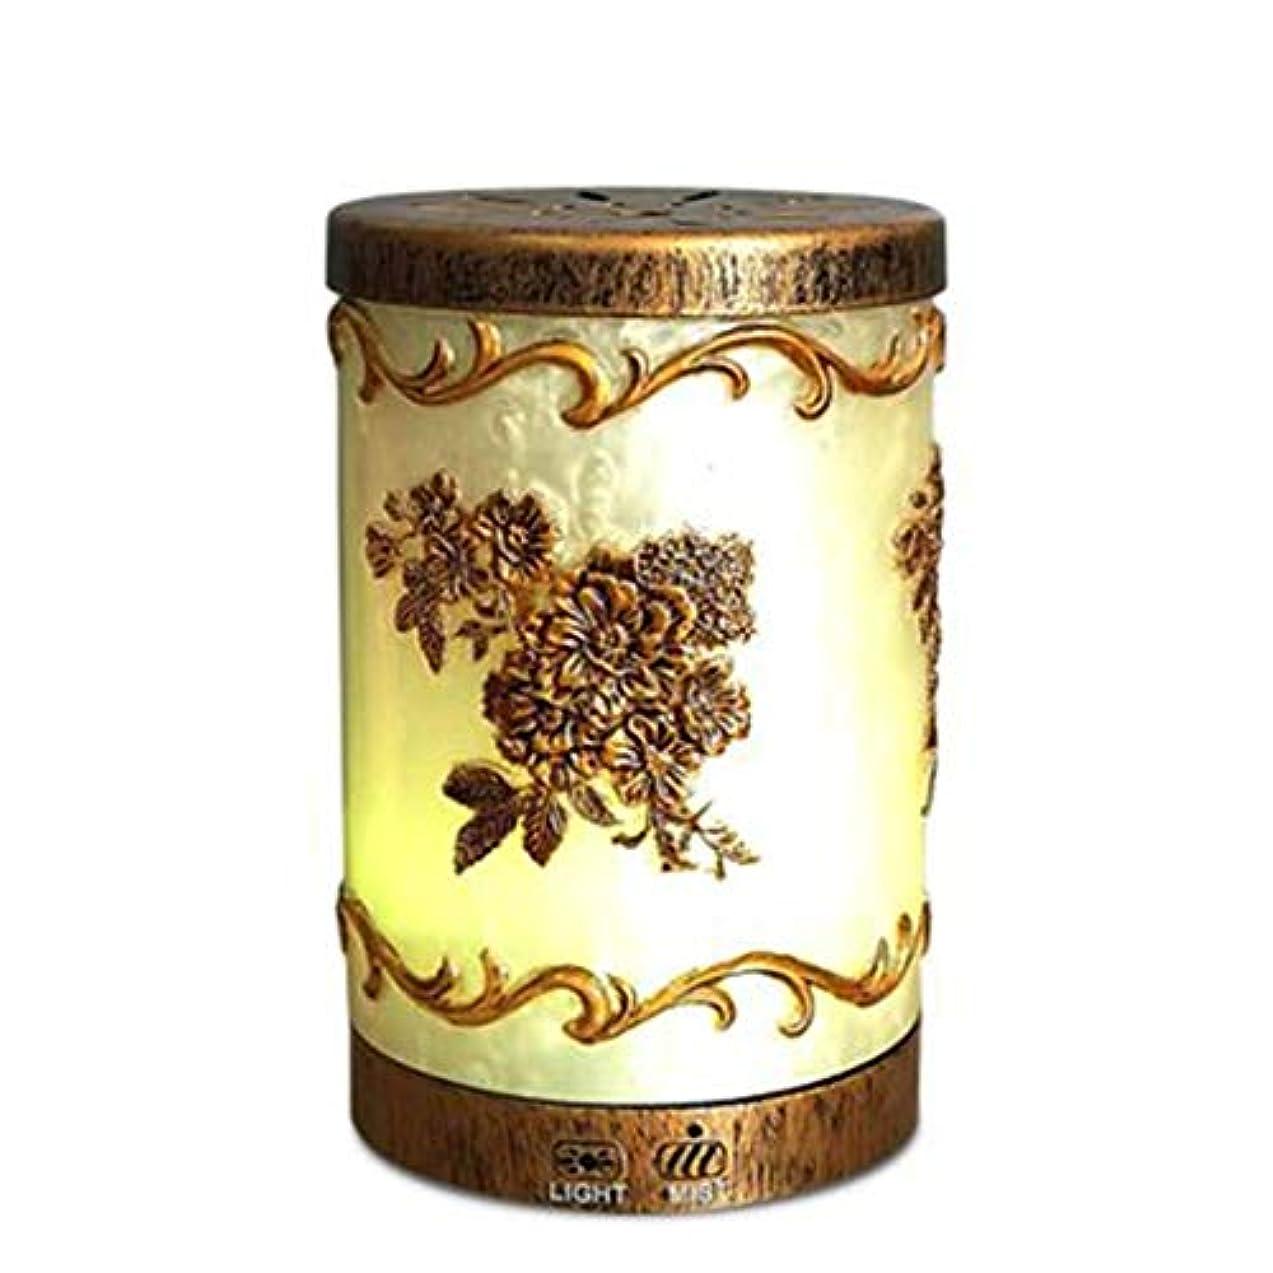 その間根拠祝福多彩な芳香ランプ、超音波機械、理性的な古典的な浮彫りにされたパターン拡散器の器械 (Color : Natural)